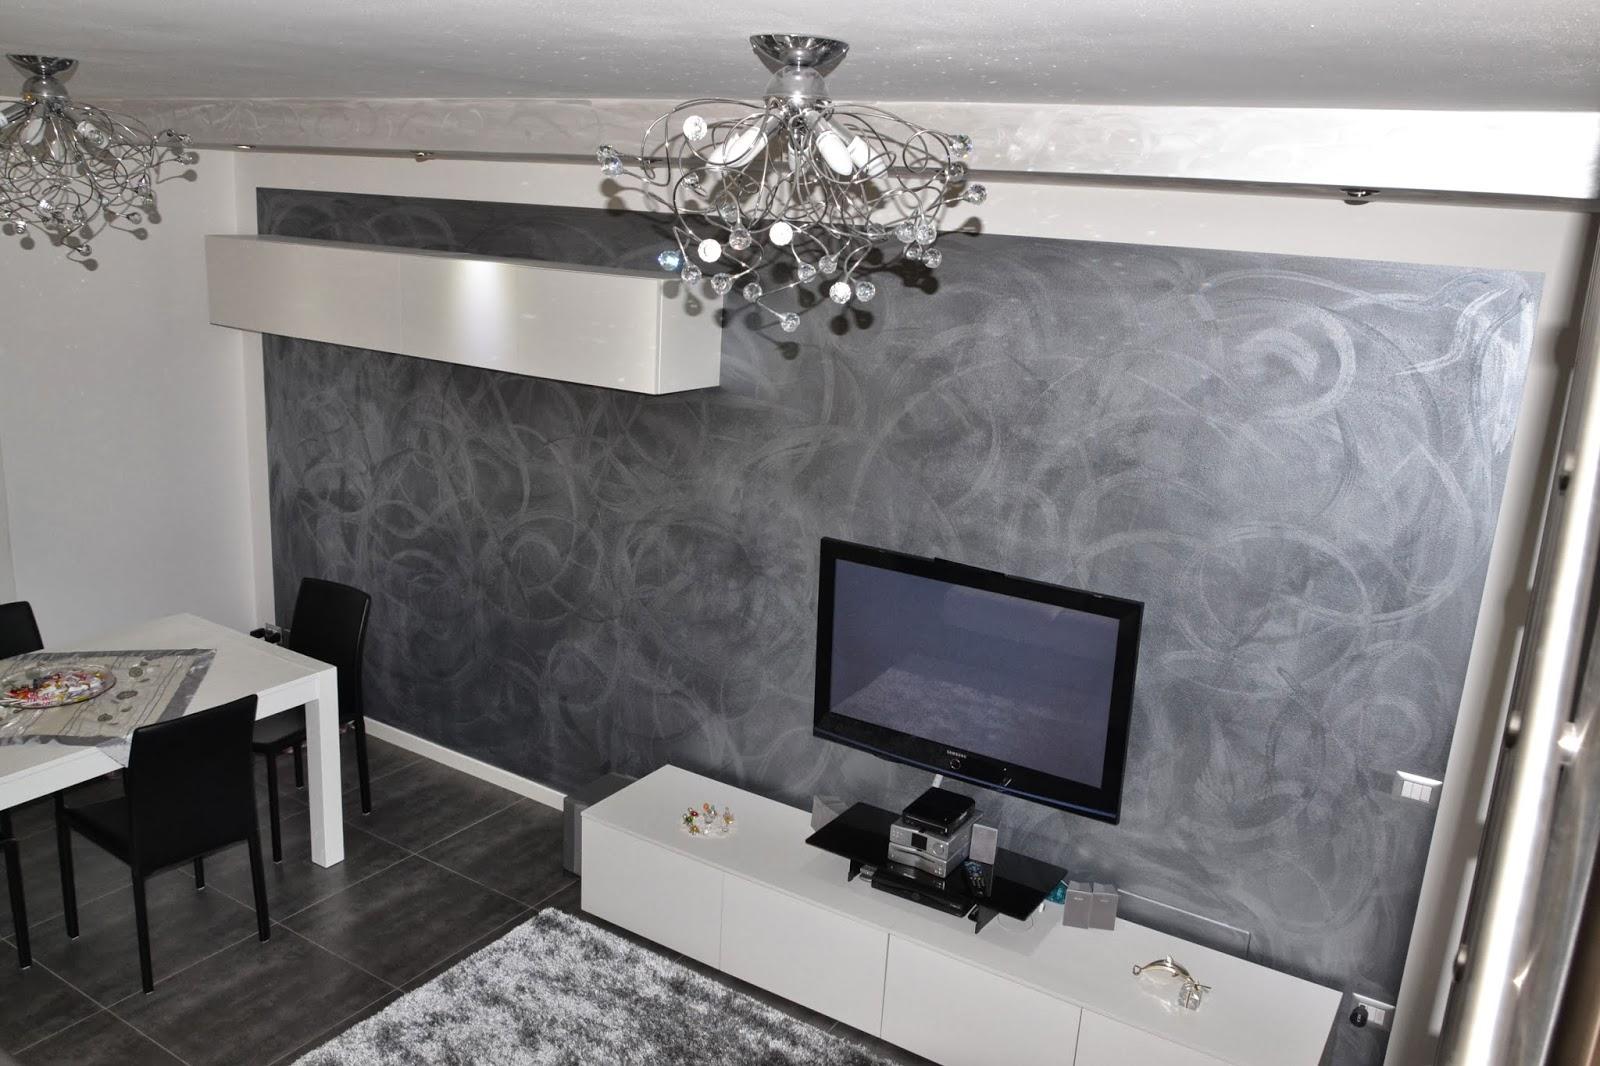 Pareti decorative in cartongesso for Immagini decorative per pareti